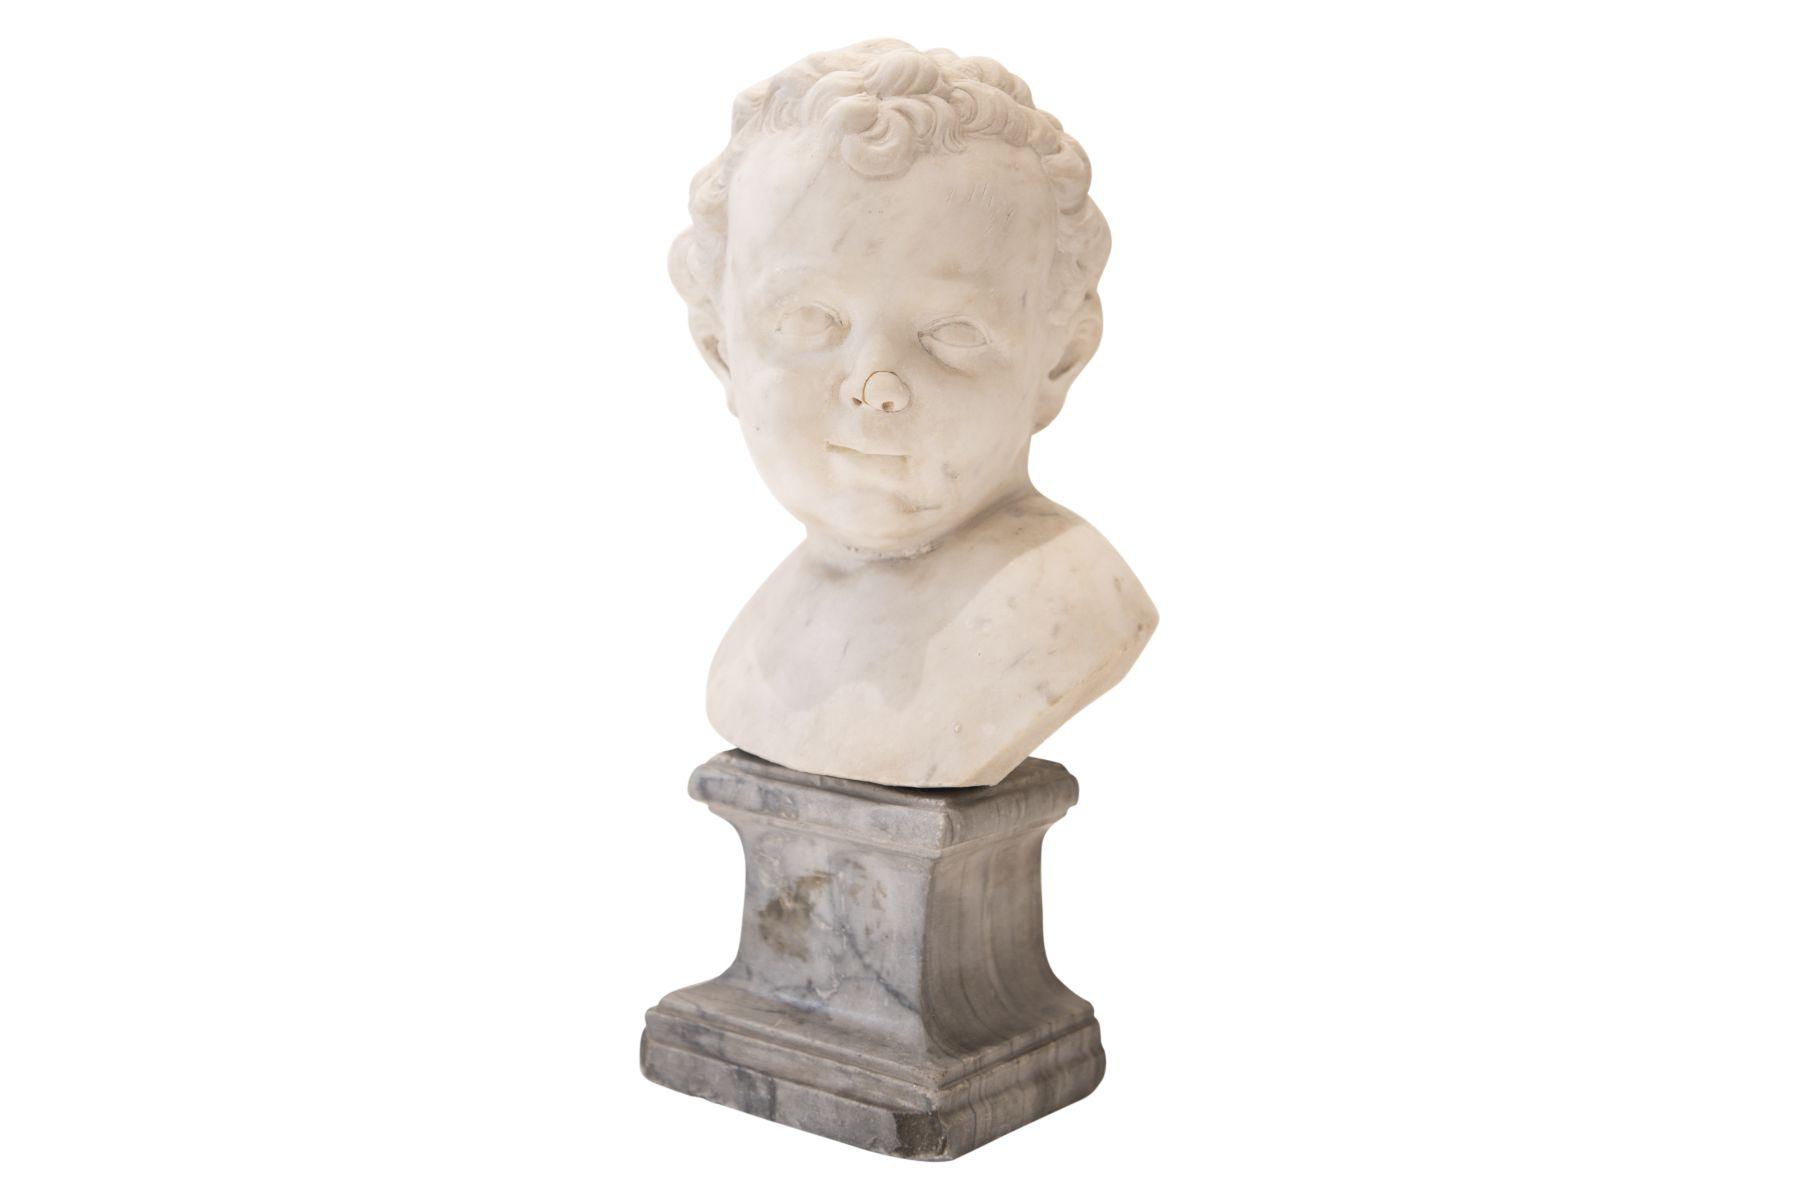 #70 Small child bust of a boy | Kleine Kinderbüste eines Jungen Image